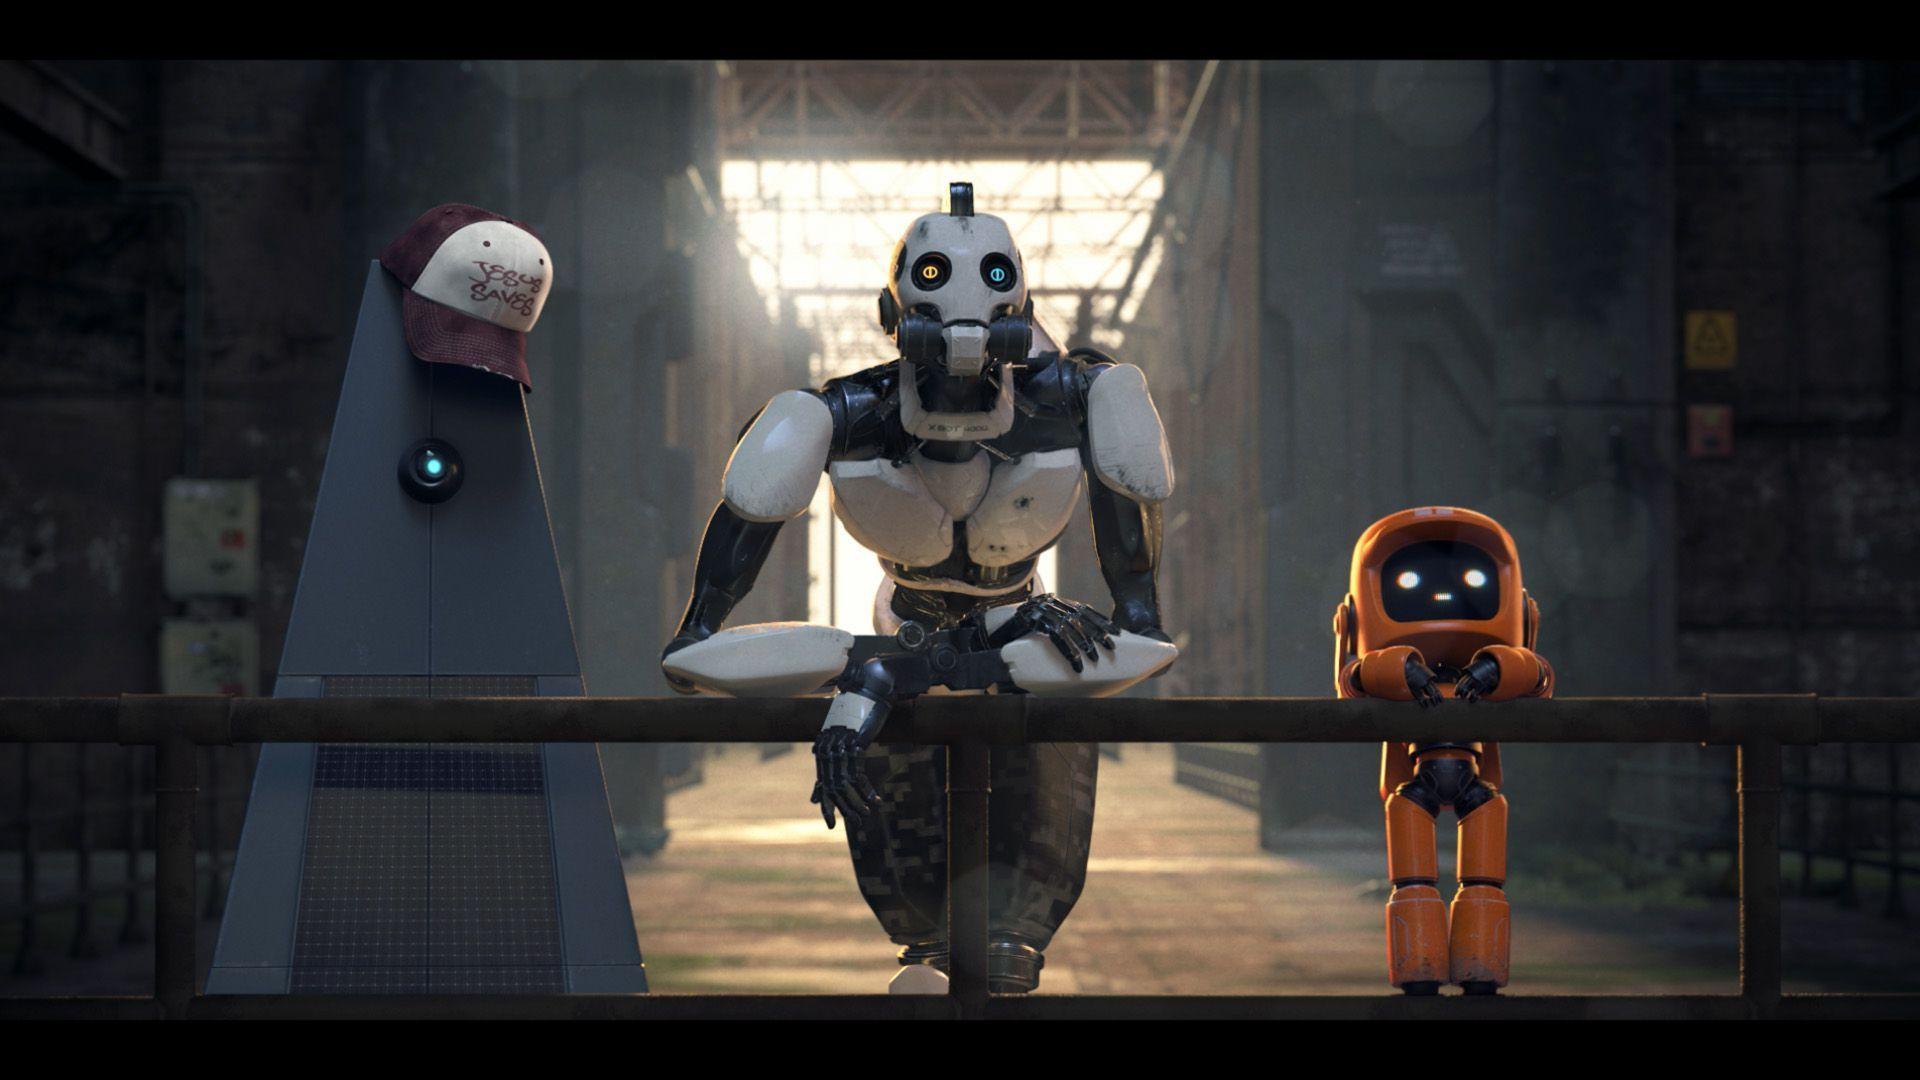 hd love death robots wallpaper 70379